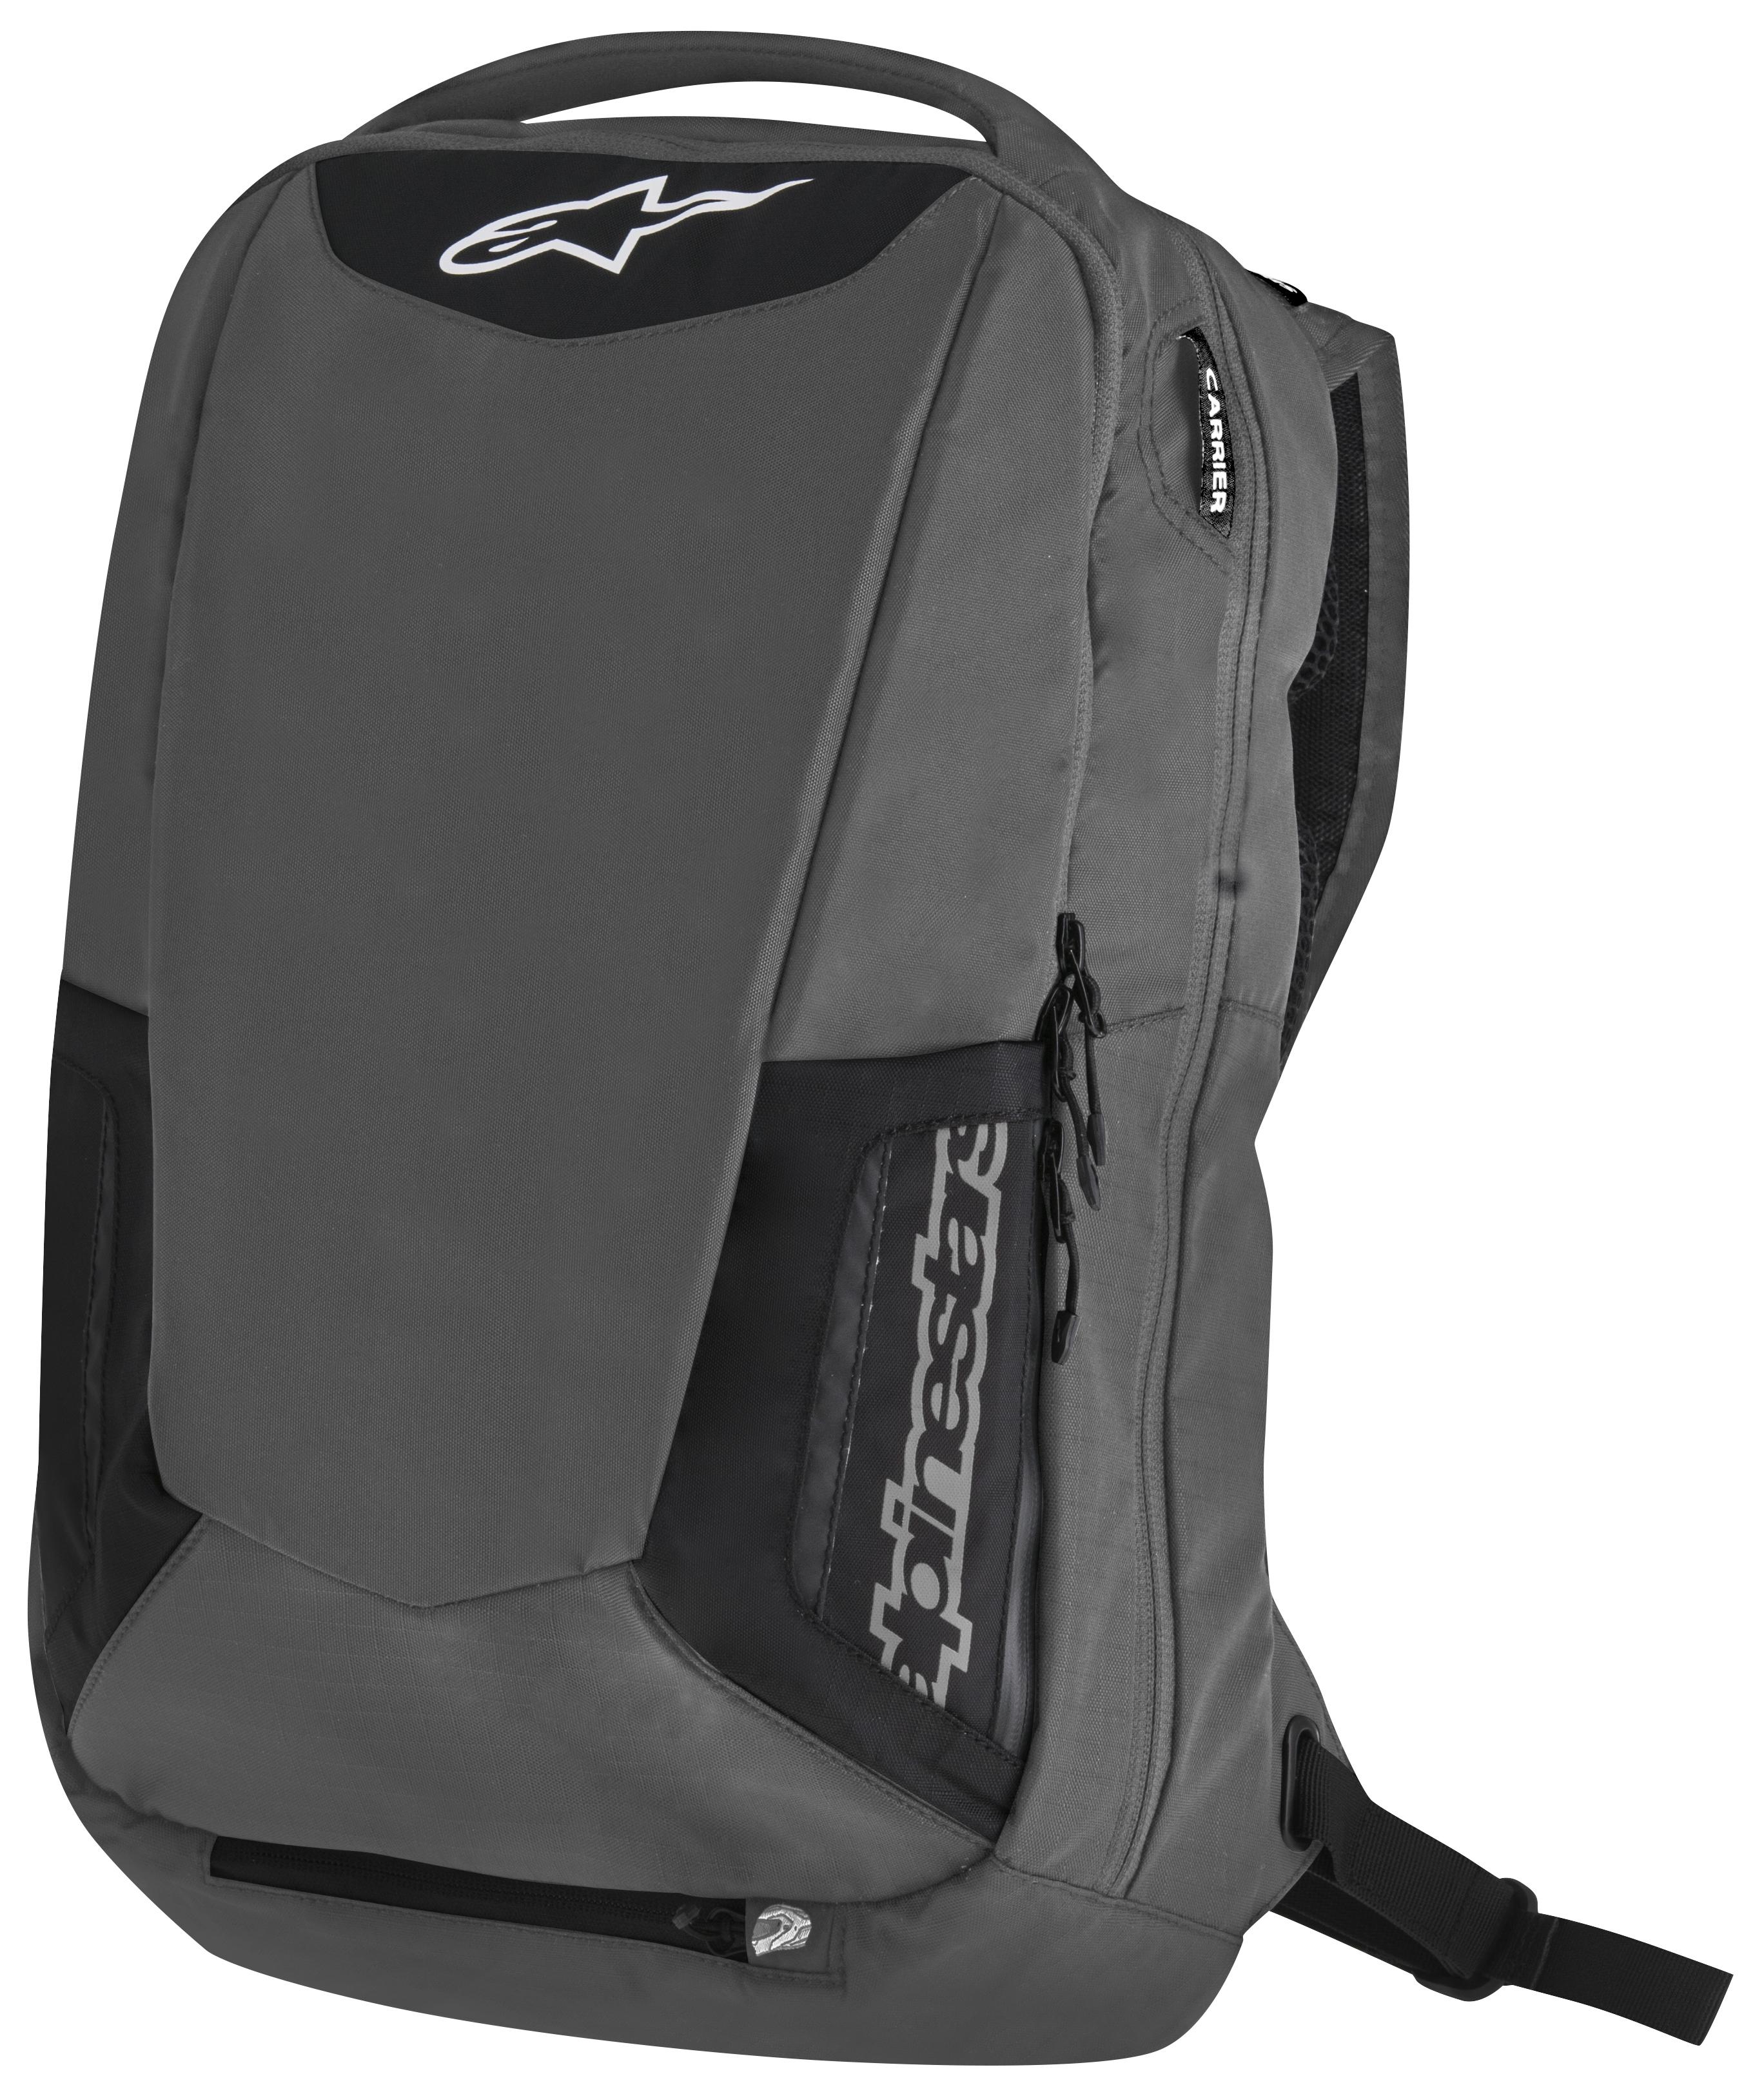 dd8ff92d3e62 Alpinestars City Hunter Backpack - RevZilla